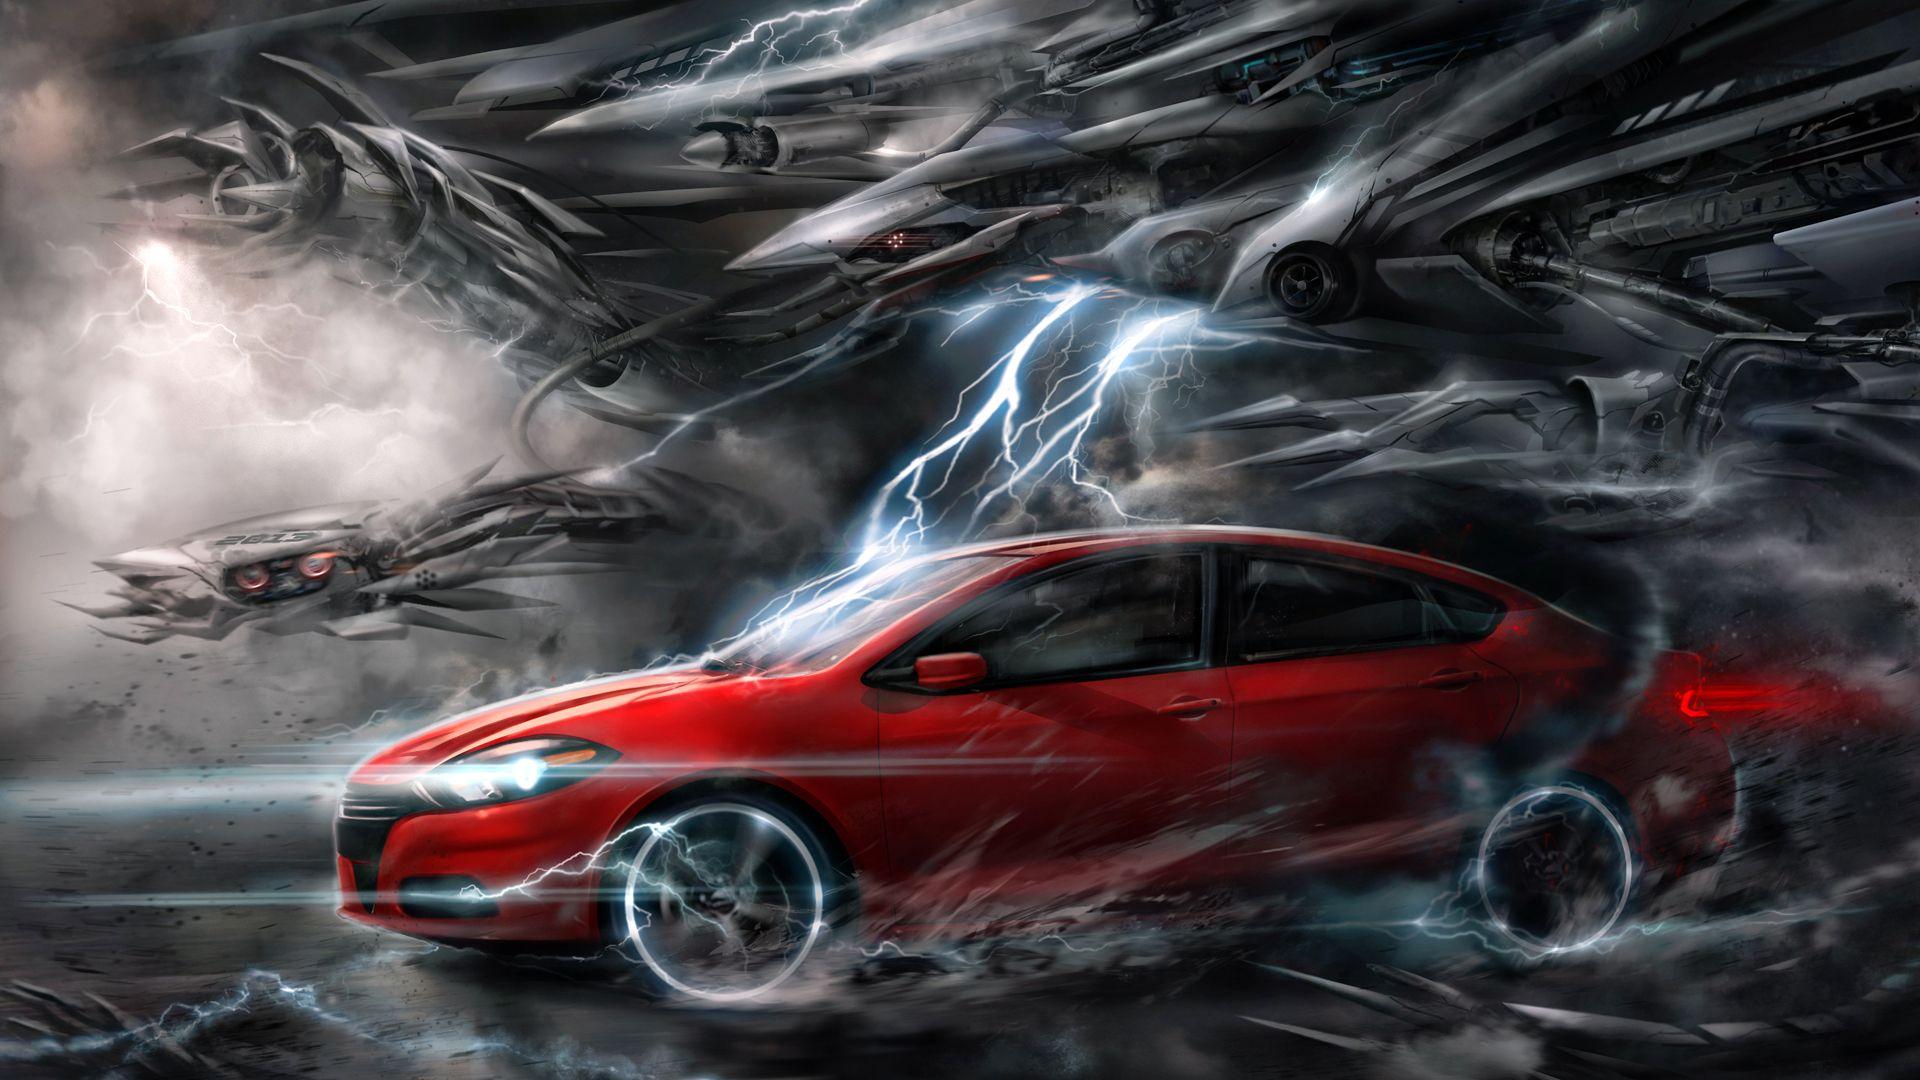 Car El Tony Wallpaper